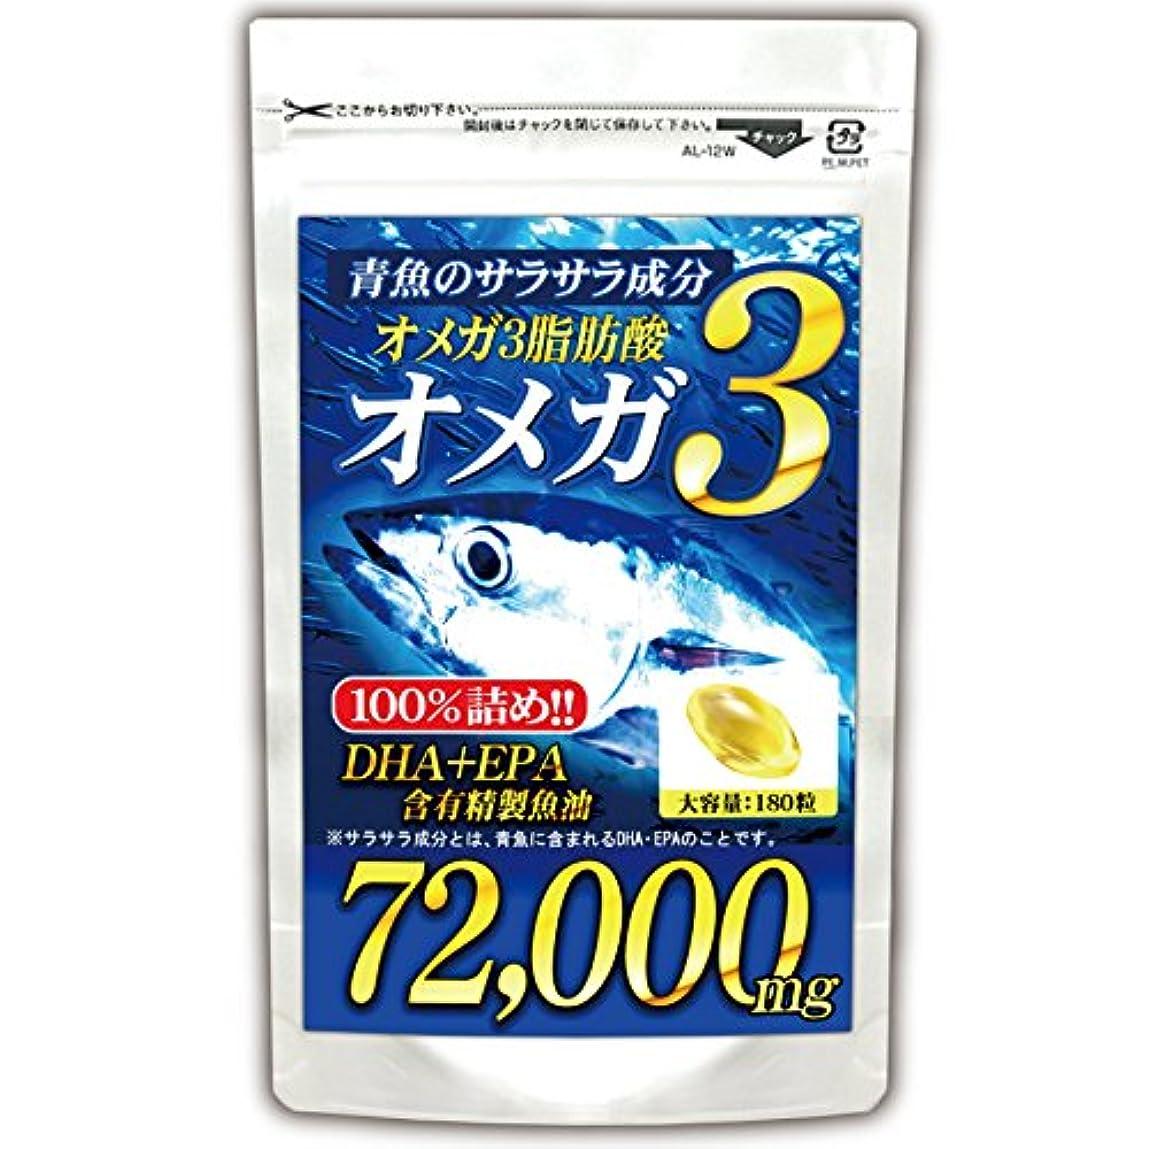 キャッチ保持する外側(大容量:約6ヵ月分/180粒)青魚de72,000